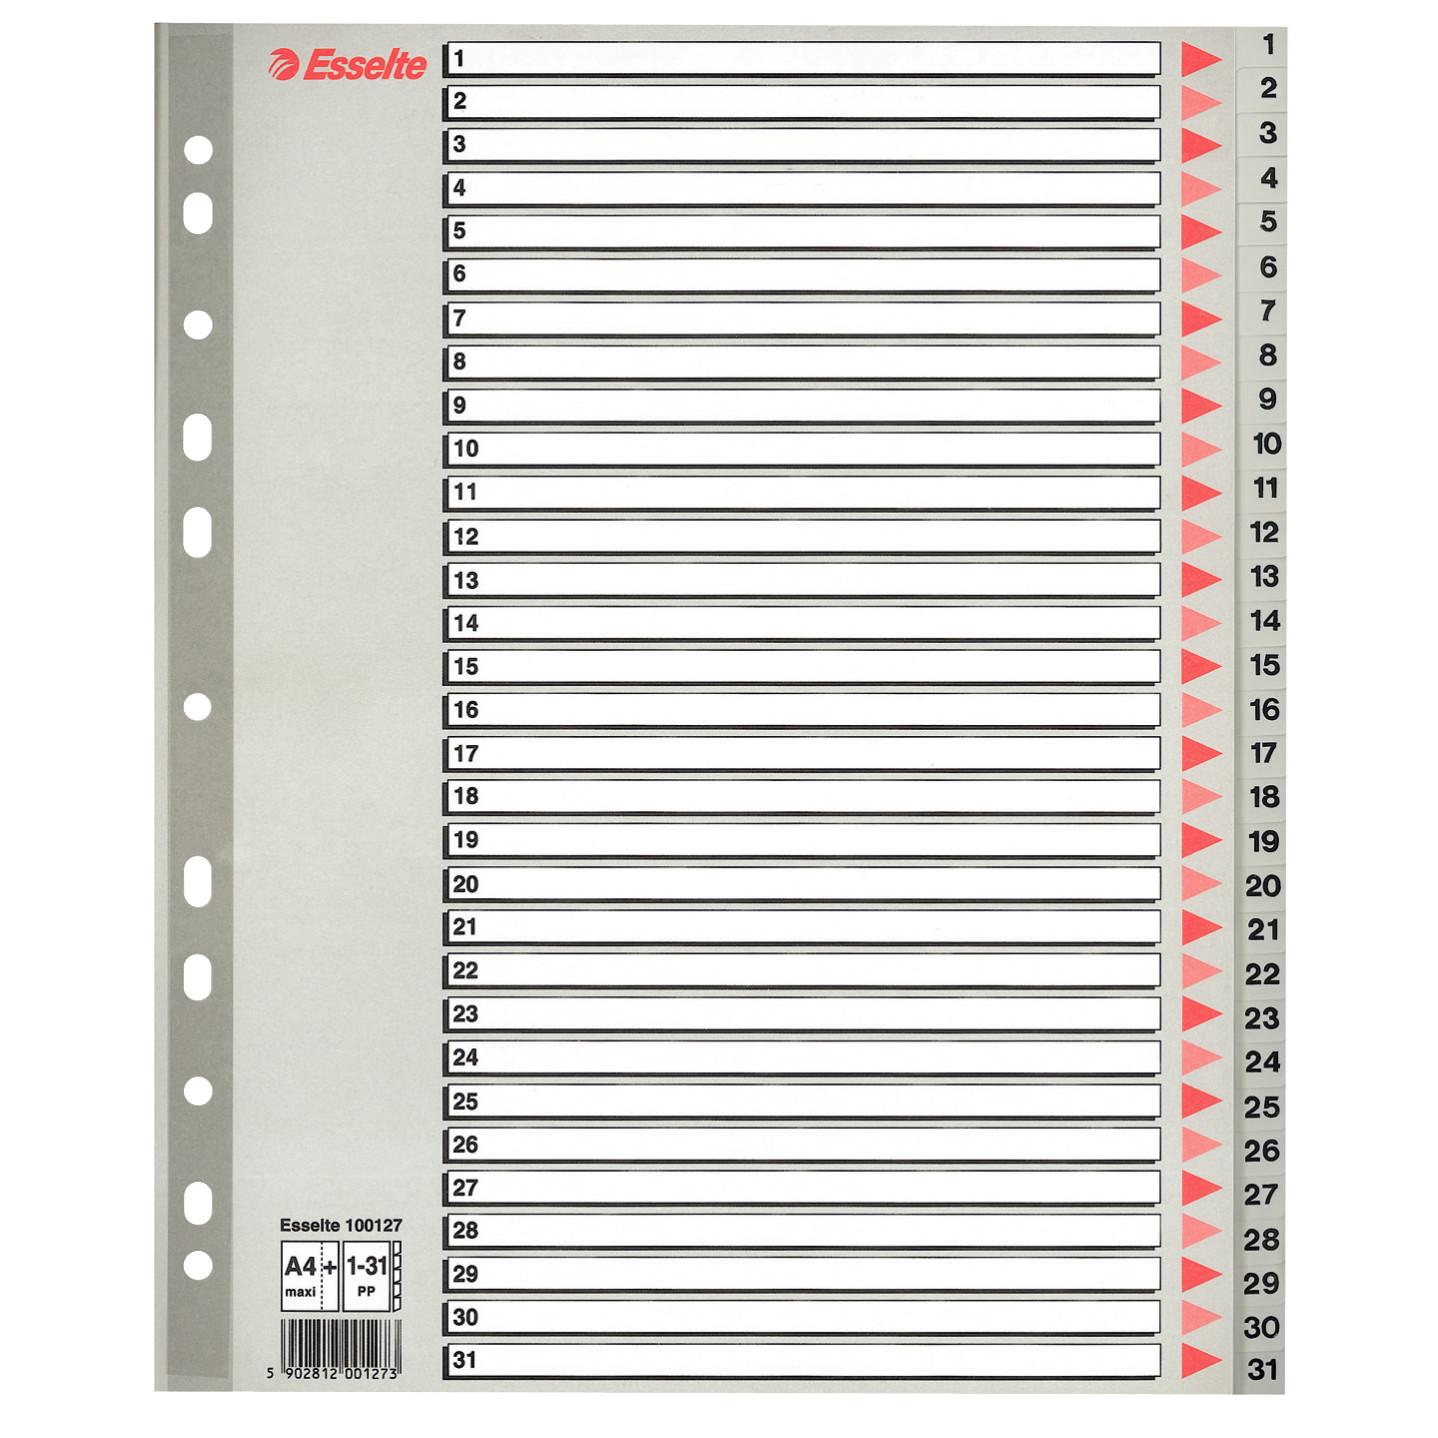 Faneblade A4 maxi 1-31 Esselte - grå plastfaner med kartonforside